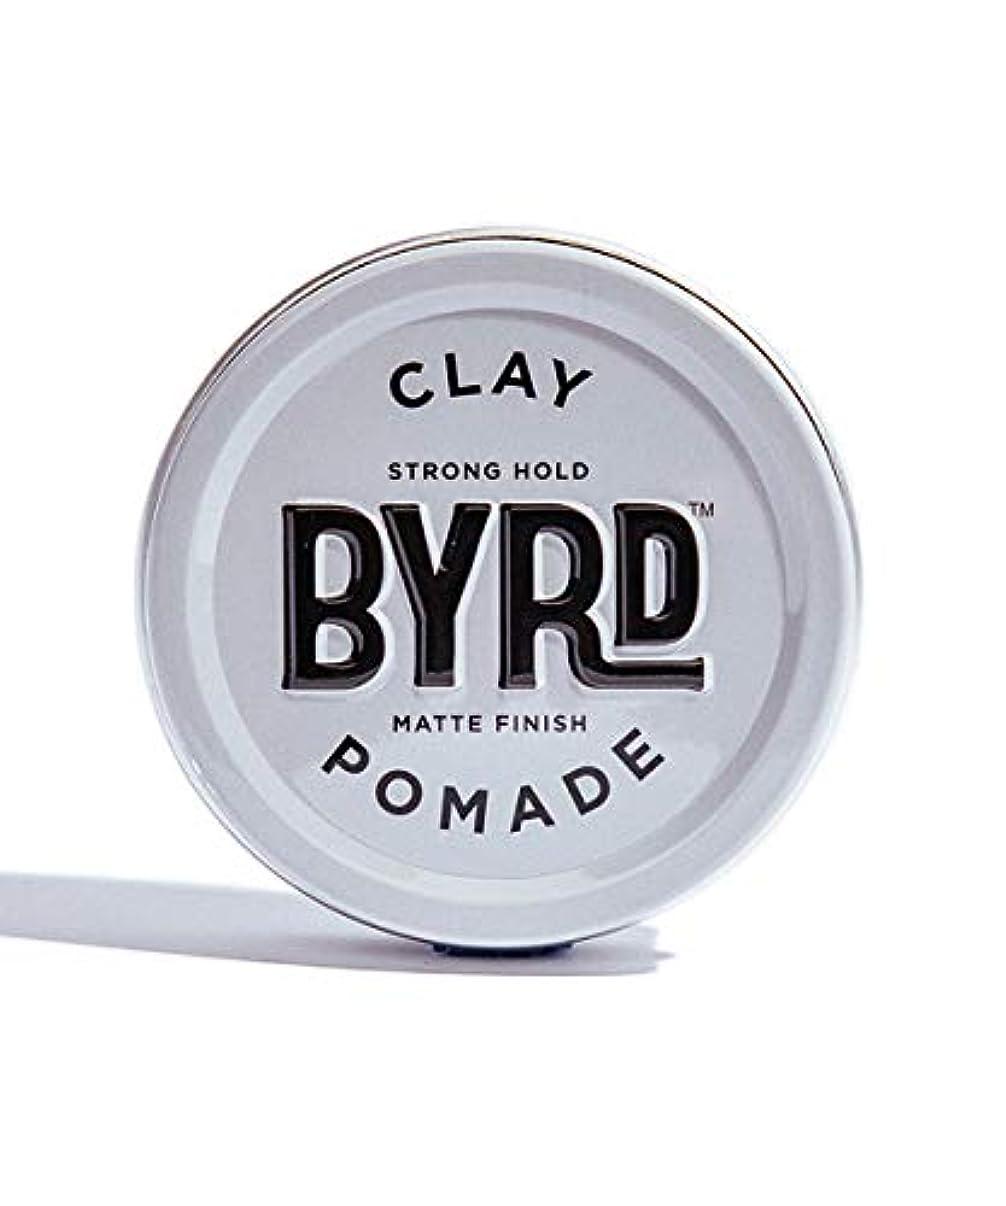 息苦しい気質引き金BYRD/クレイポマード 95g メンズコスメ ワックス ヘアスタイリング かっこいい モテ髪